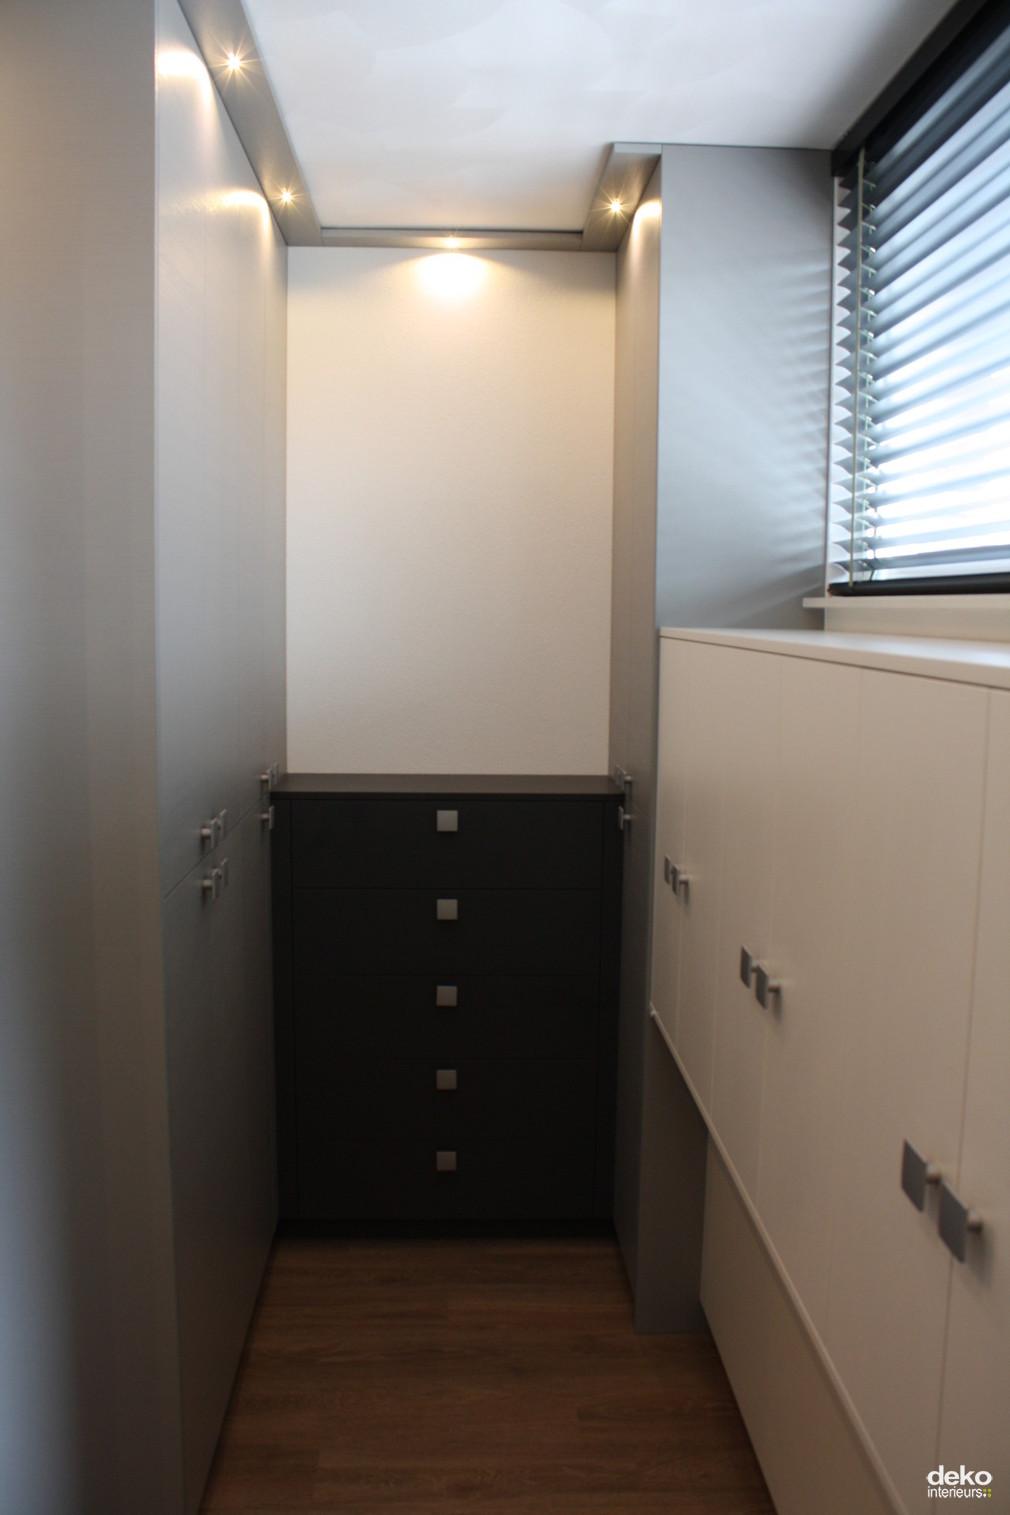 Moderne inloopkast als scheiding maatwerk interieurbouw van deko - Winkel raam keuken ...